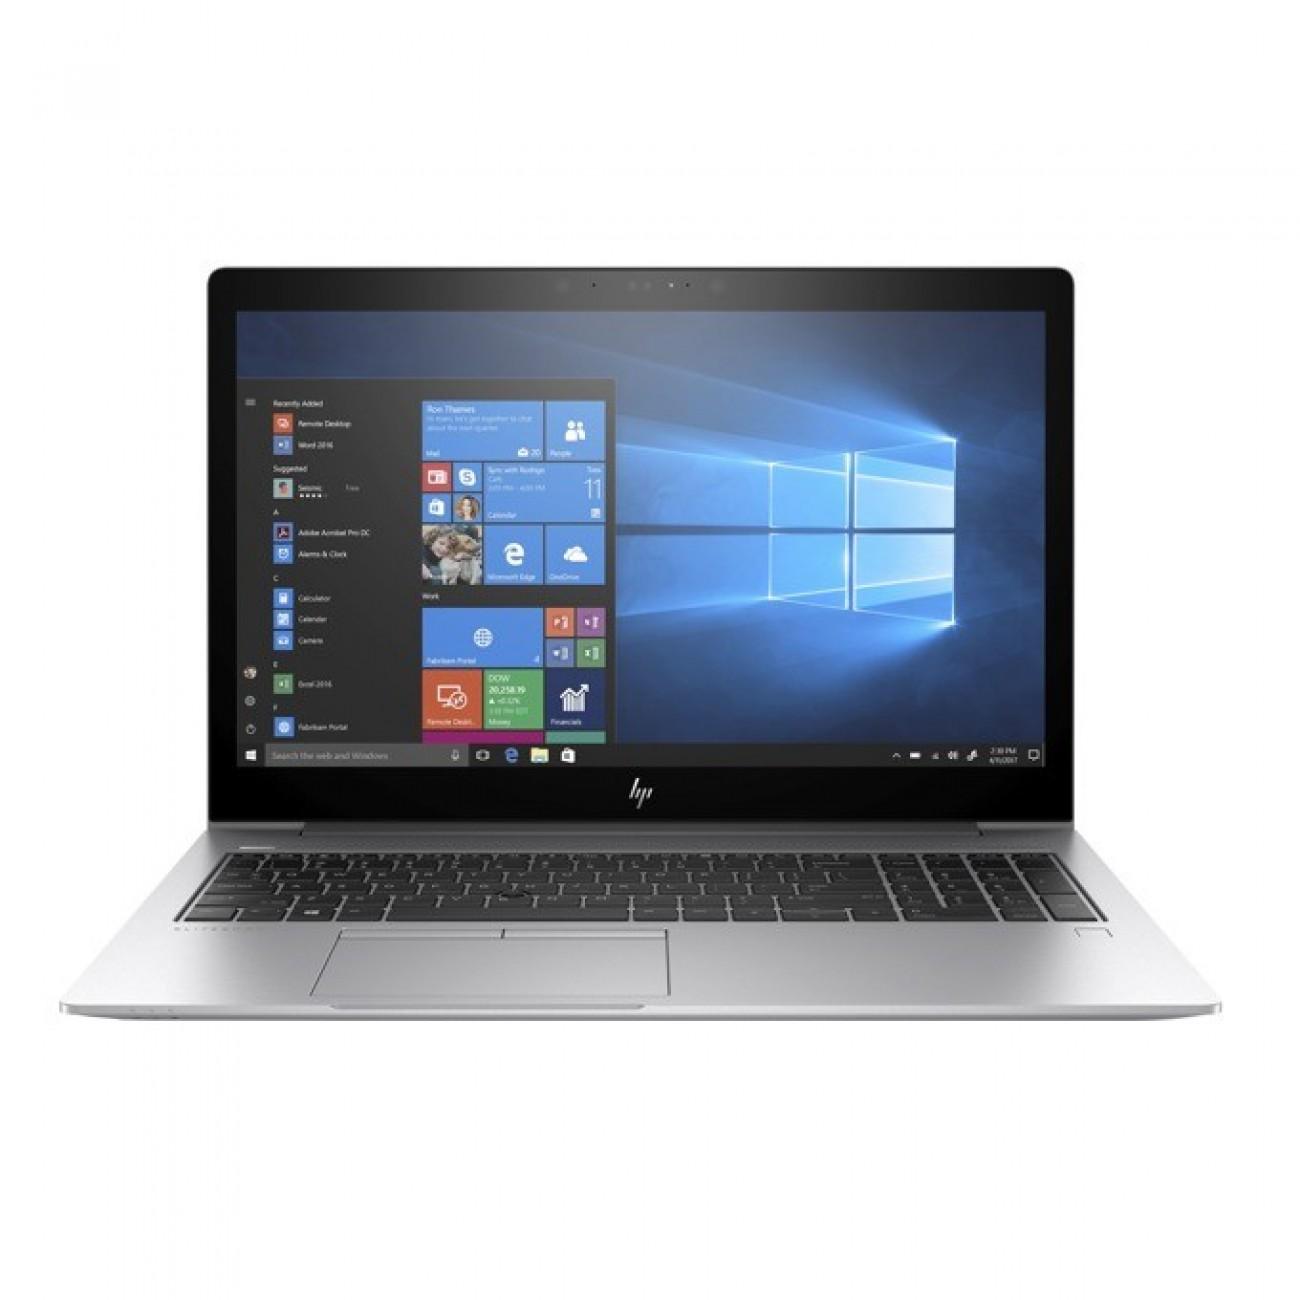 Лаптоп HP EliteBook 850 G5(3JX50EA)(сребрист), четириядрен Kaby Lake R Intel Core i7-8550U 1.8/4.0 GHz, 15.6(39.62 cm) Full HD IPS UWVA дисплей(HDMI), 16GB DDR4, 512GB NVMe TLC SSD, 1x USB Type C, Windows 10 Pro, 1.93 kg в Лаптопи -  | Alleop